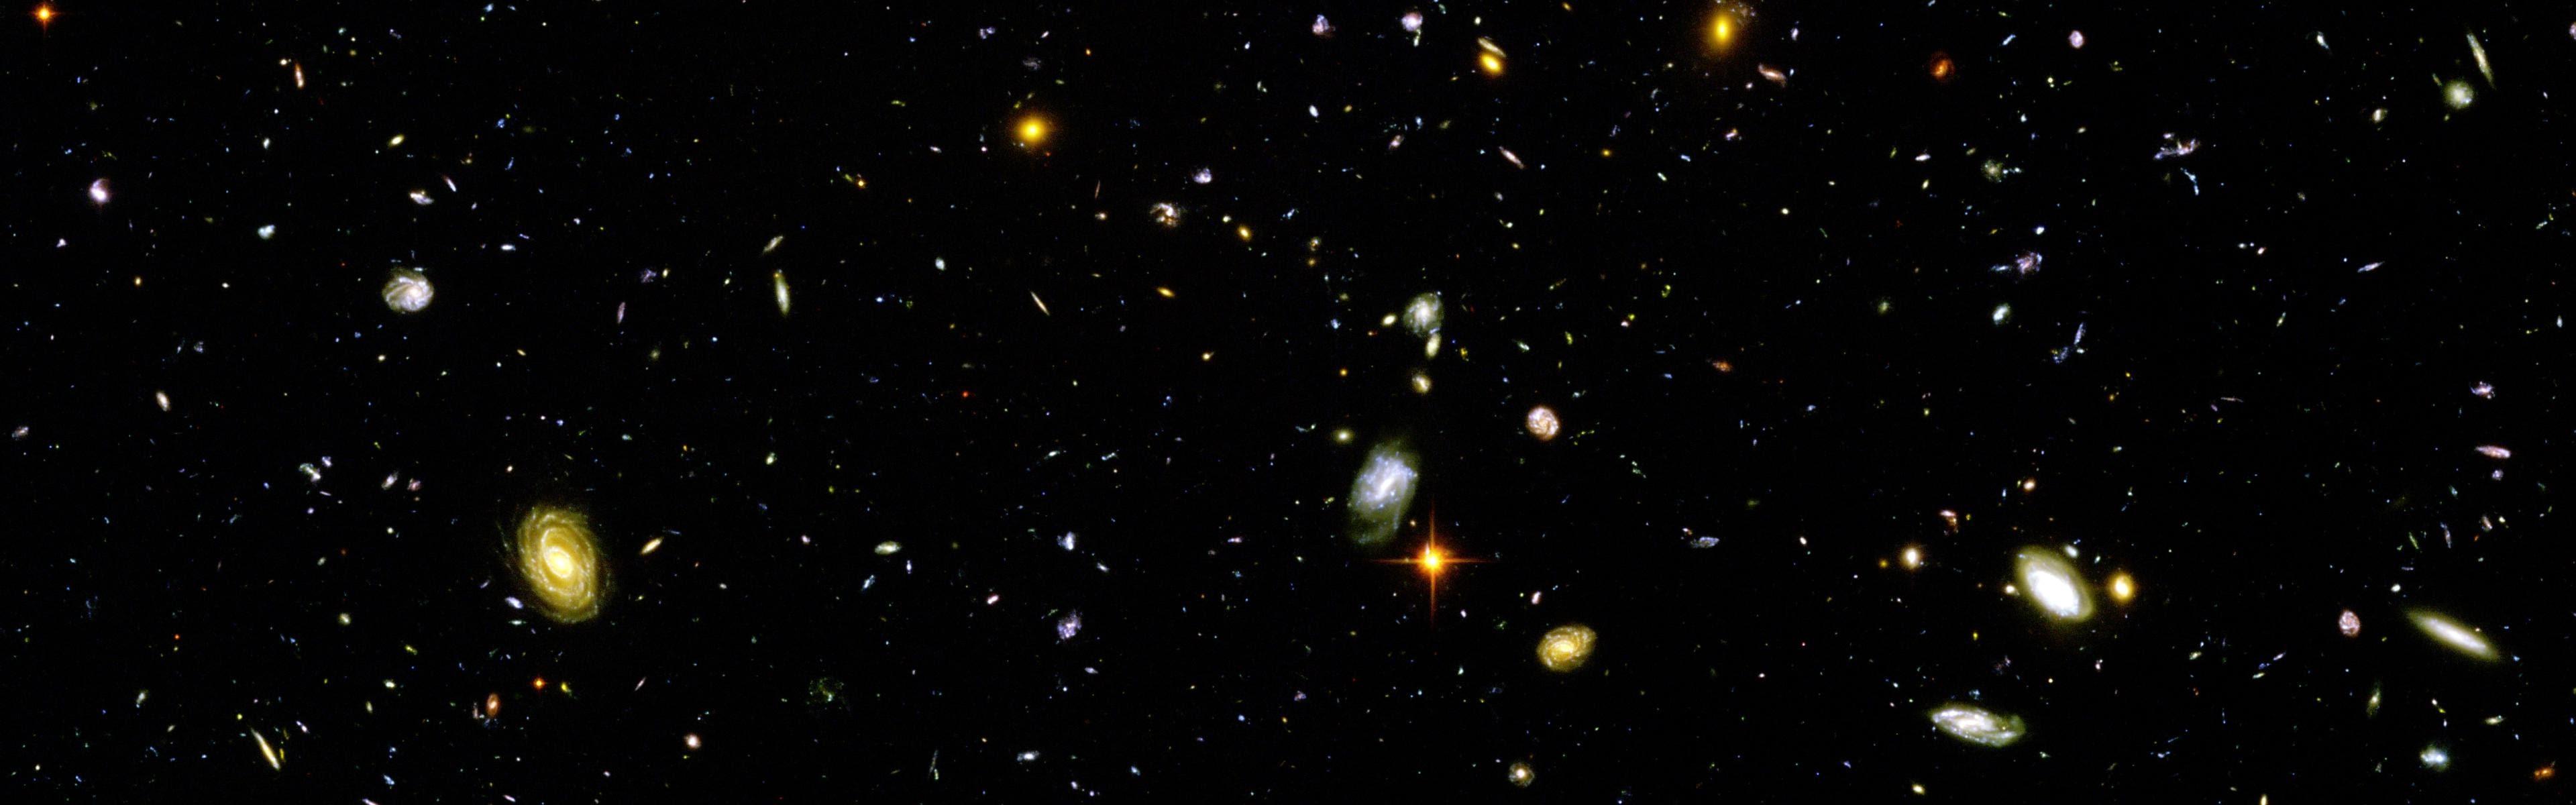 wallpaper : 3840x1200 px, galaxy, hubble deep field, multiple